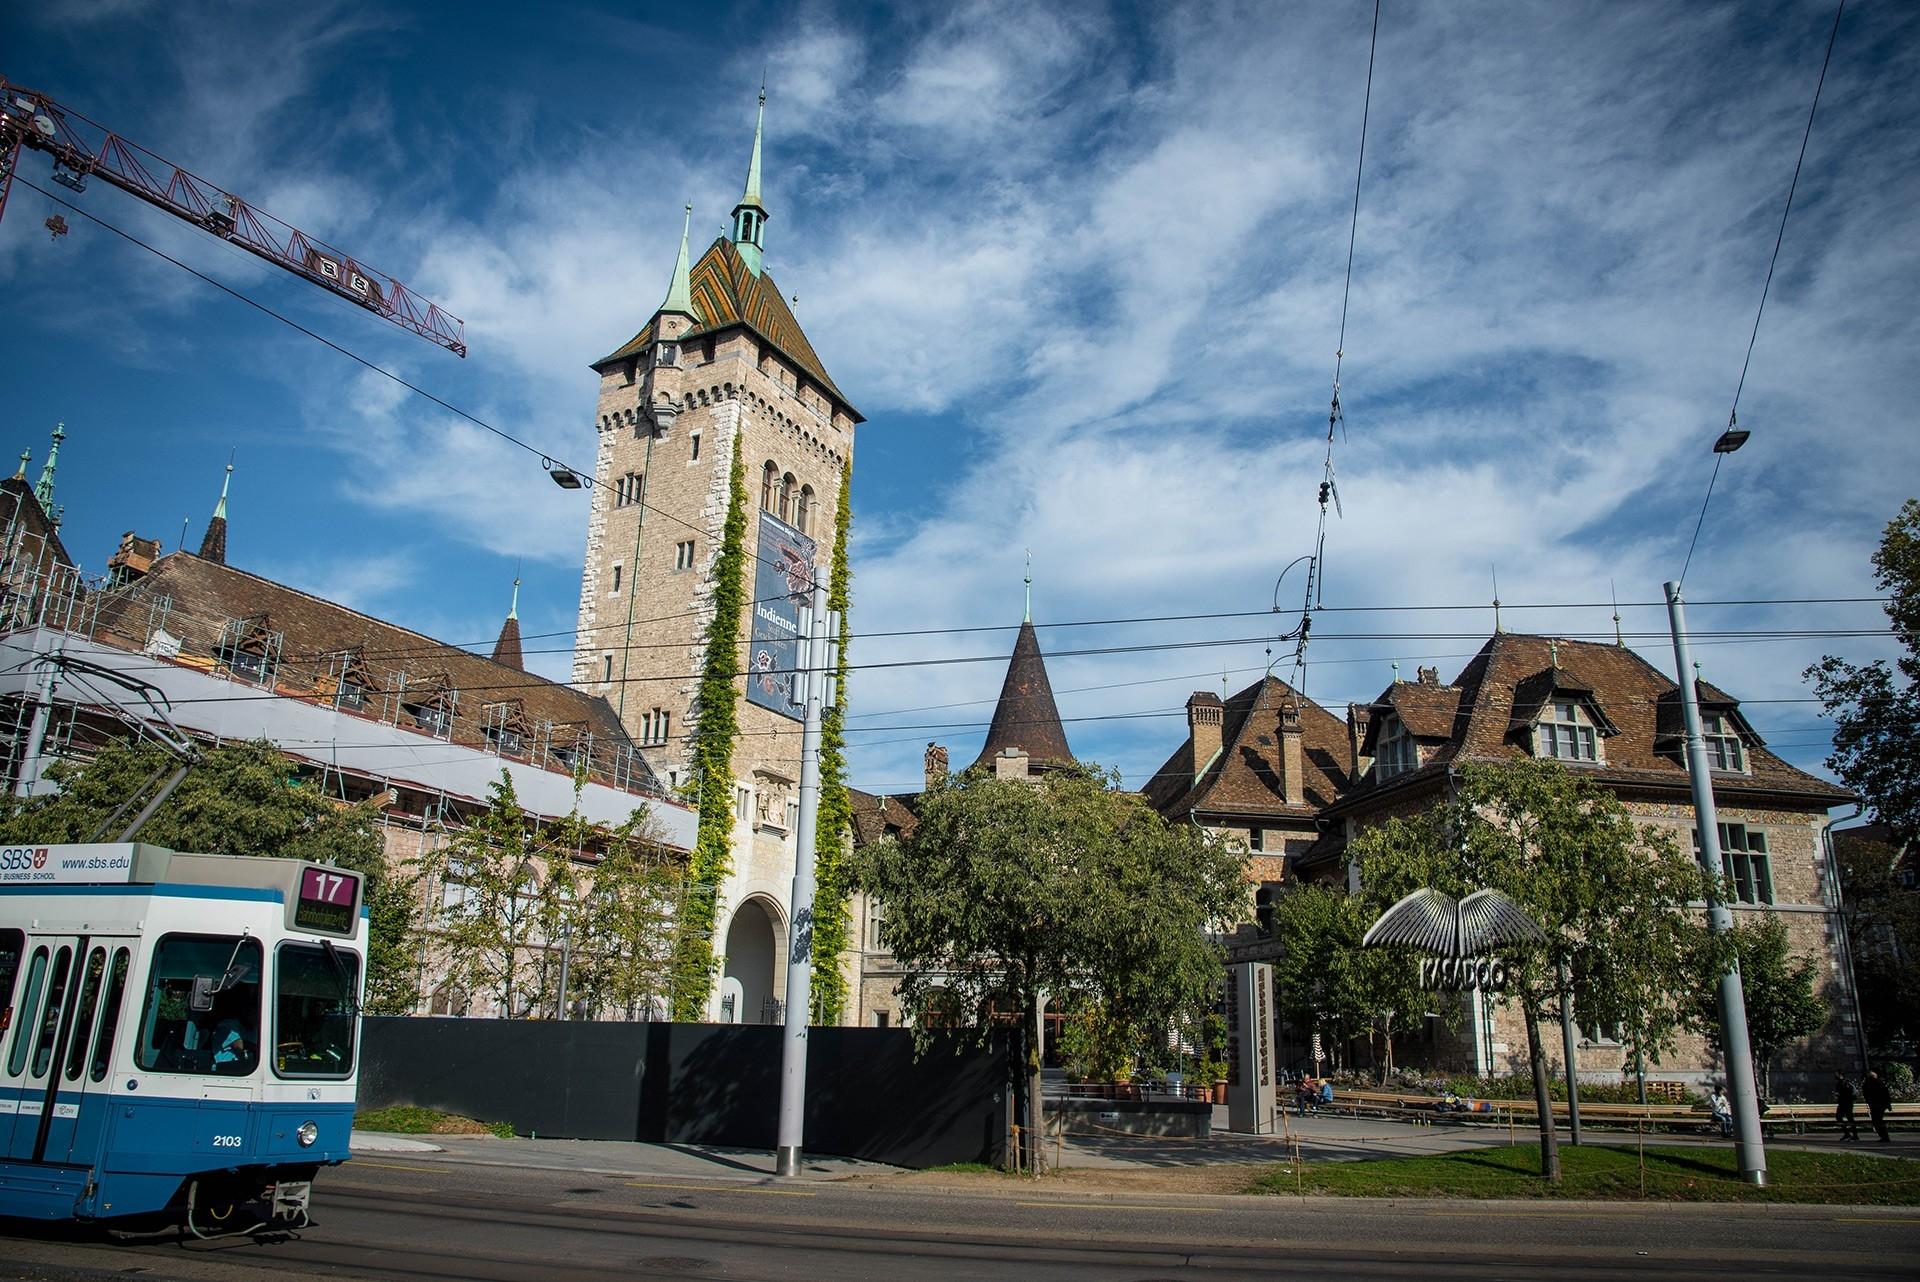 سويسرا زيورخ اهم الاماكن السياحية المتحف الوطني السويسرى